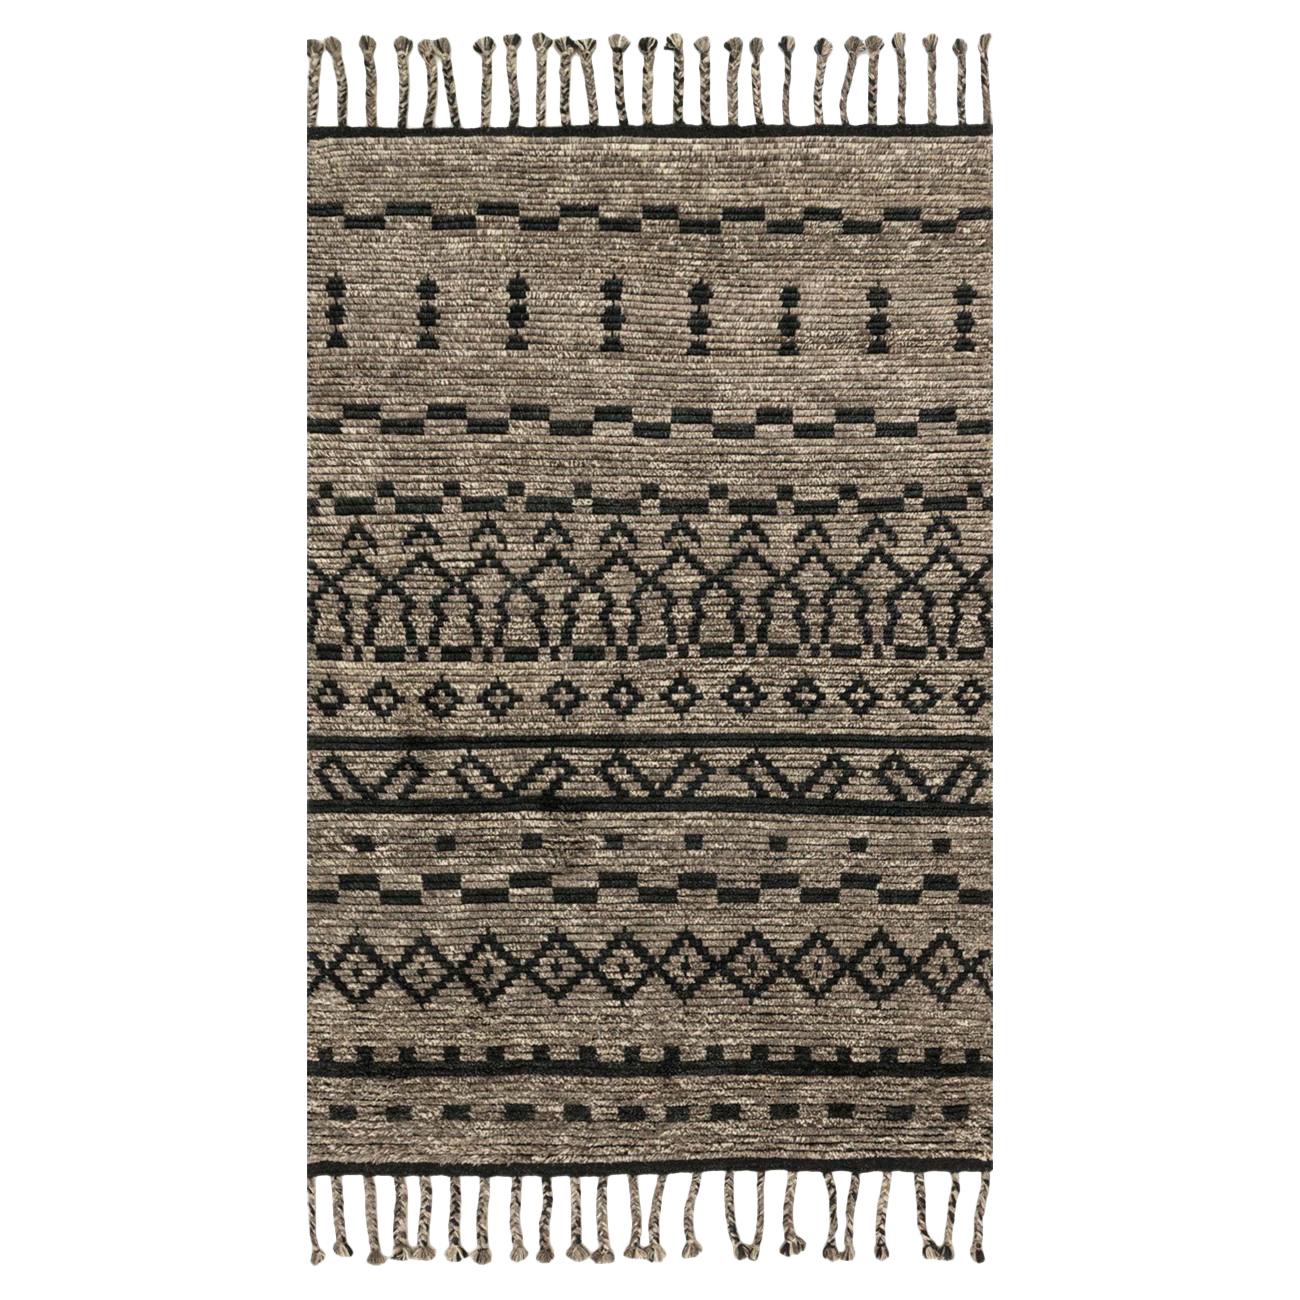 Viento Global Natural Wool Black Rug - 4x6